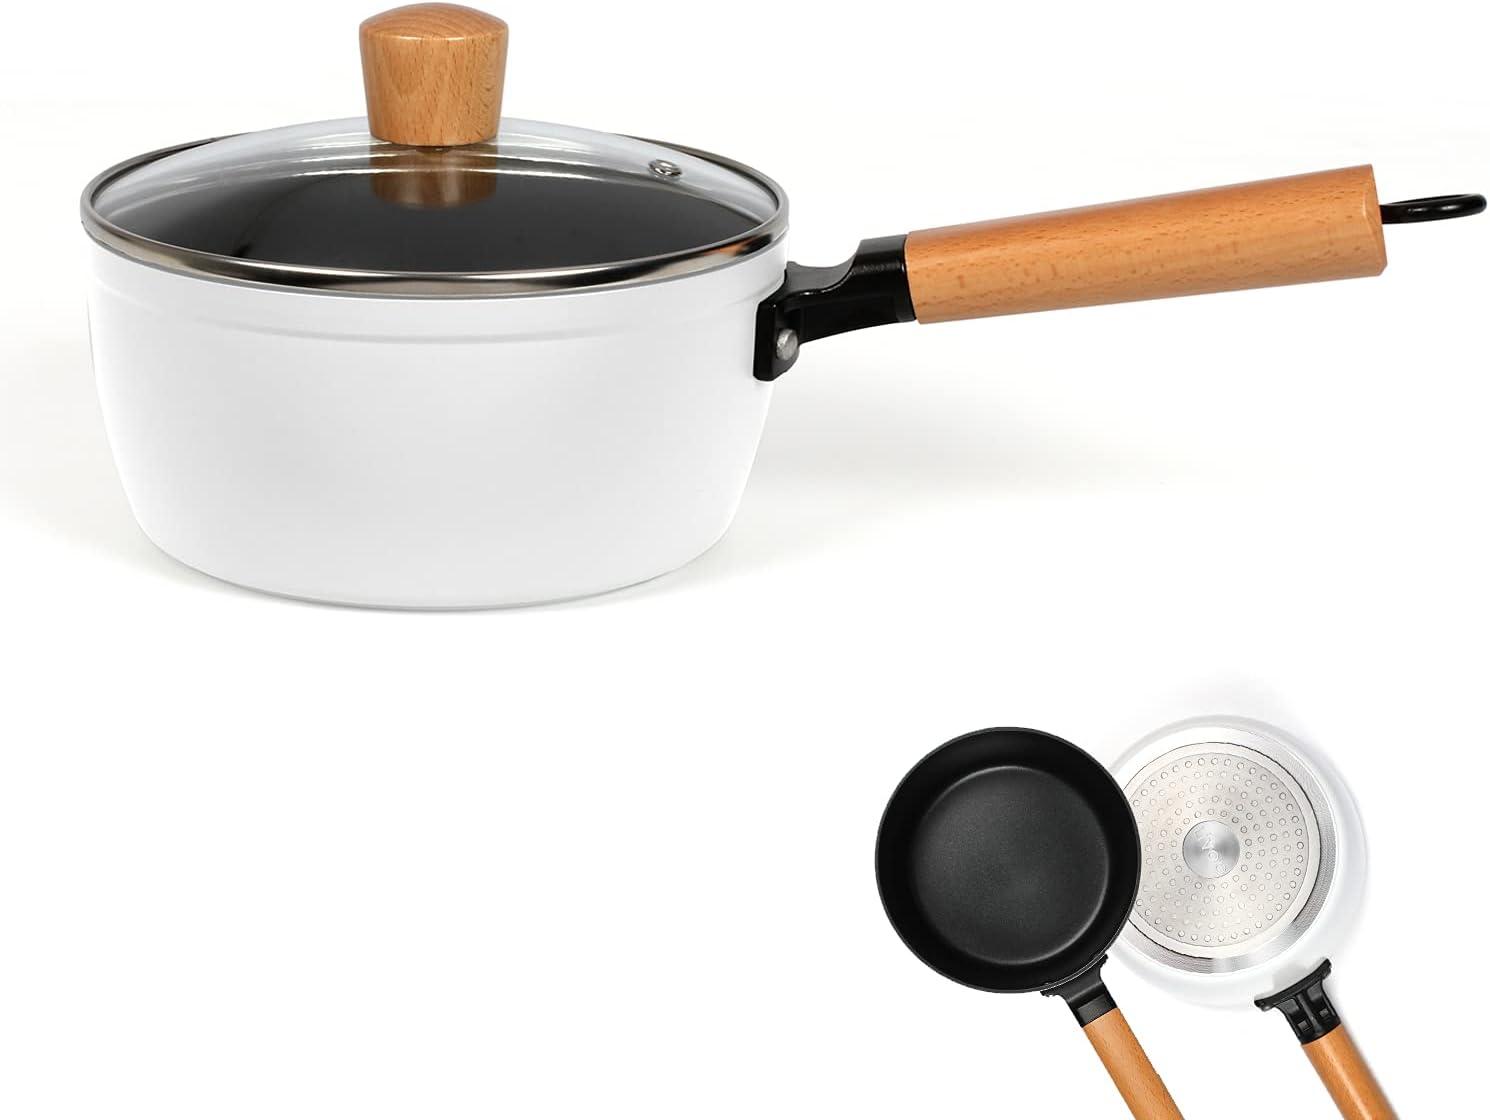 Cazo con tapa de inducción – Cazo pequeño de 18 cm con mango de madera – Cacerola revestida con mango apto para inducción – Cazo de leche con tapa de cristal – Cazo en color blanco